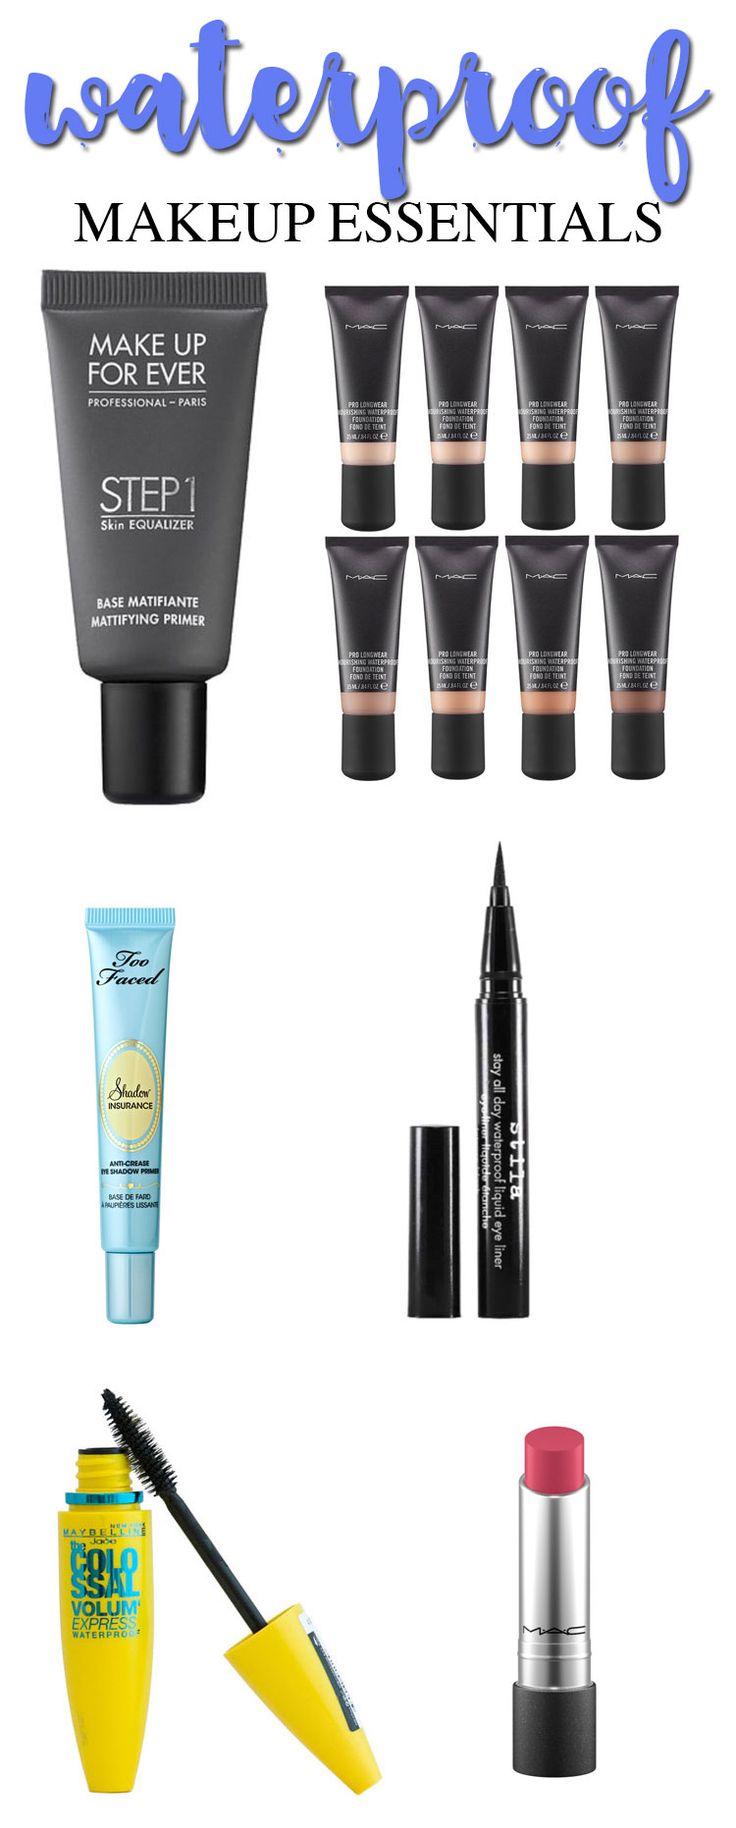 Waterproof Makeup Essentials #deals #ad